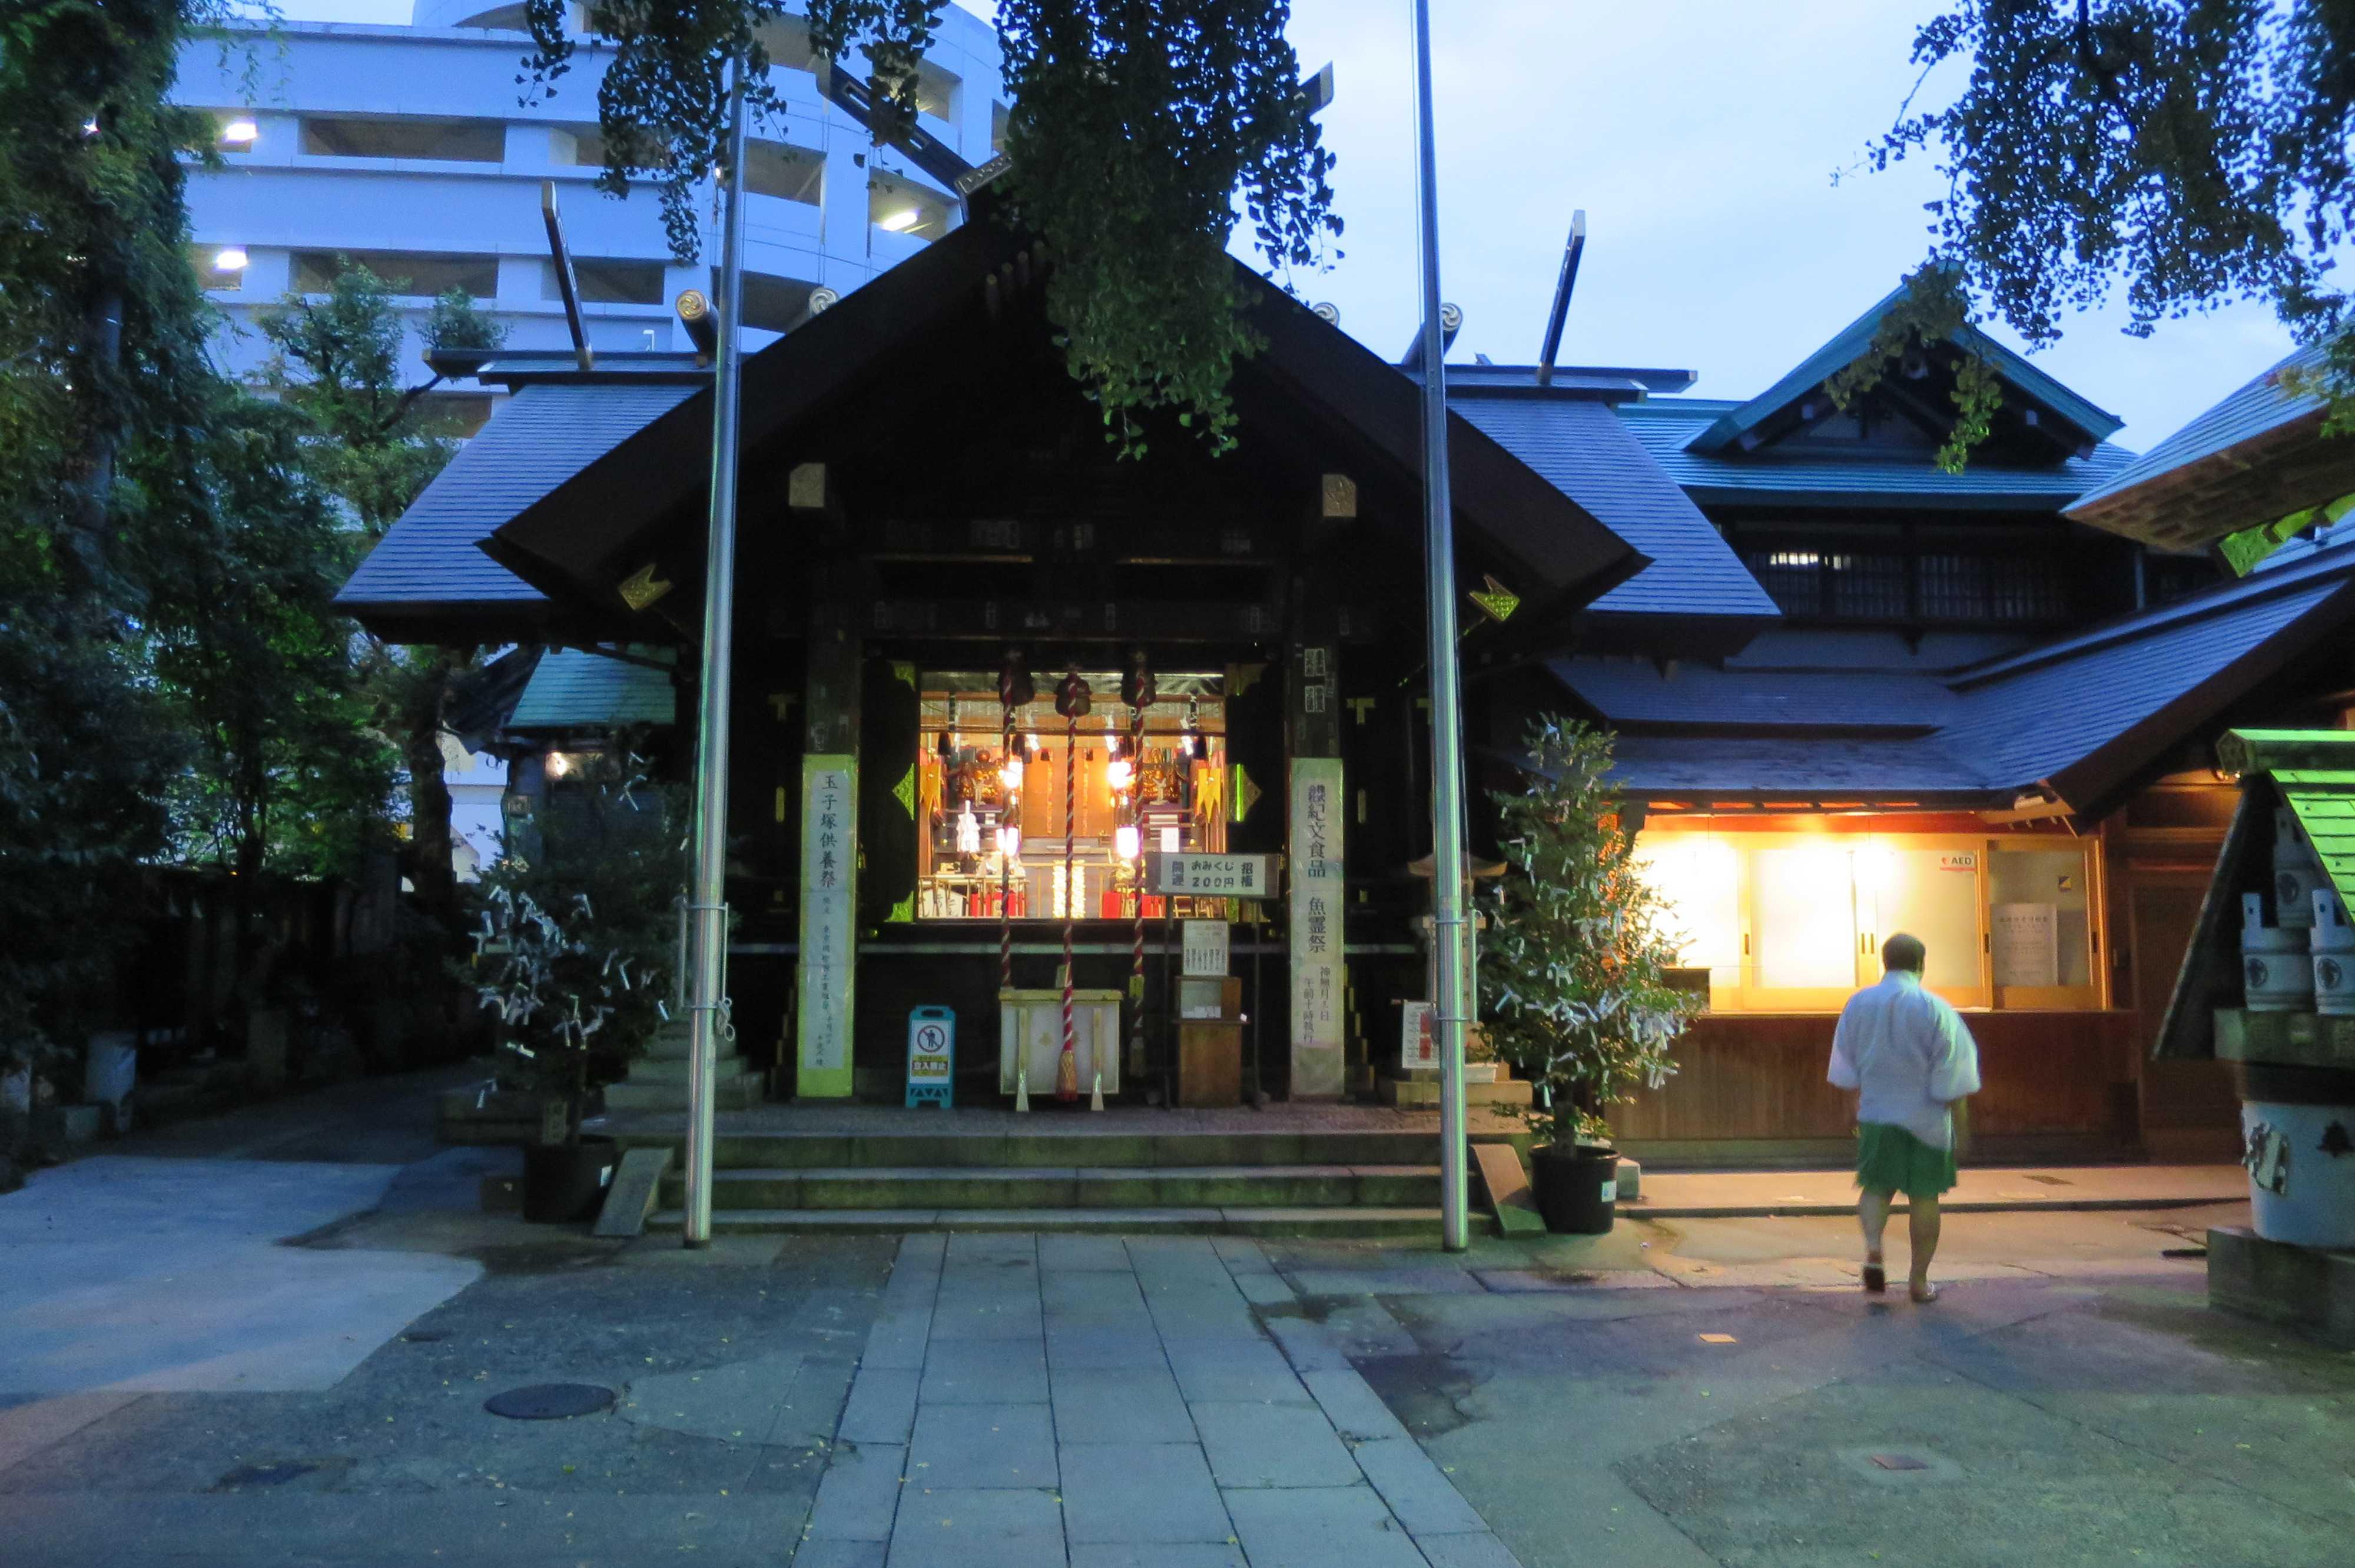 築地場外市場 - 波除稲荷神社